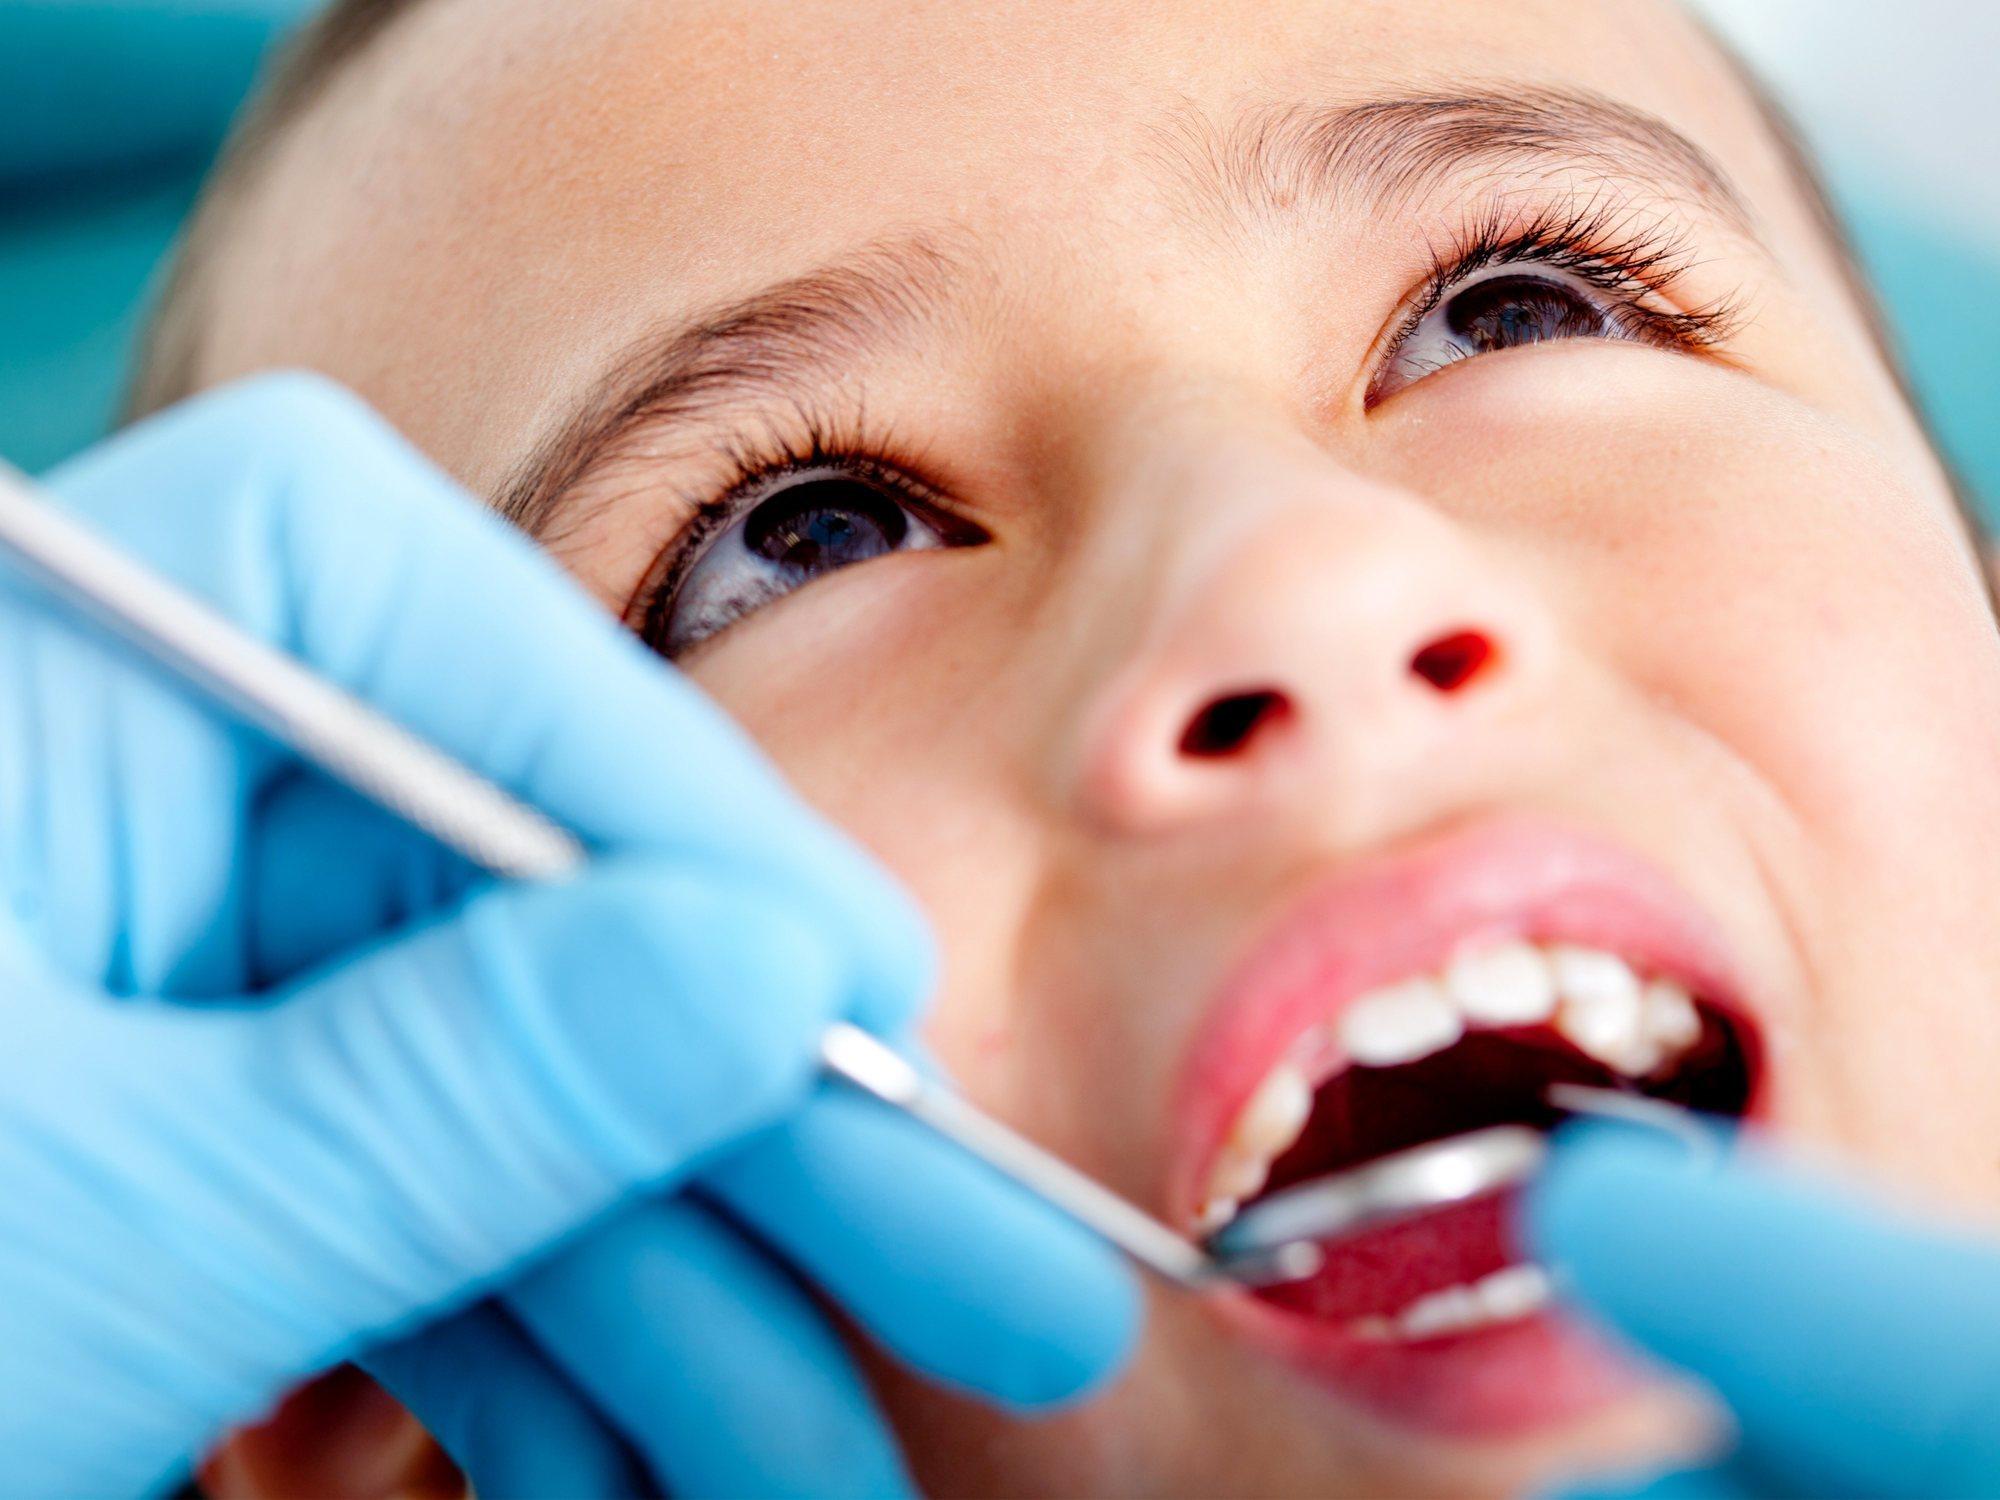 Extraen 526 dientes a un niño a causa de un tumor benigno